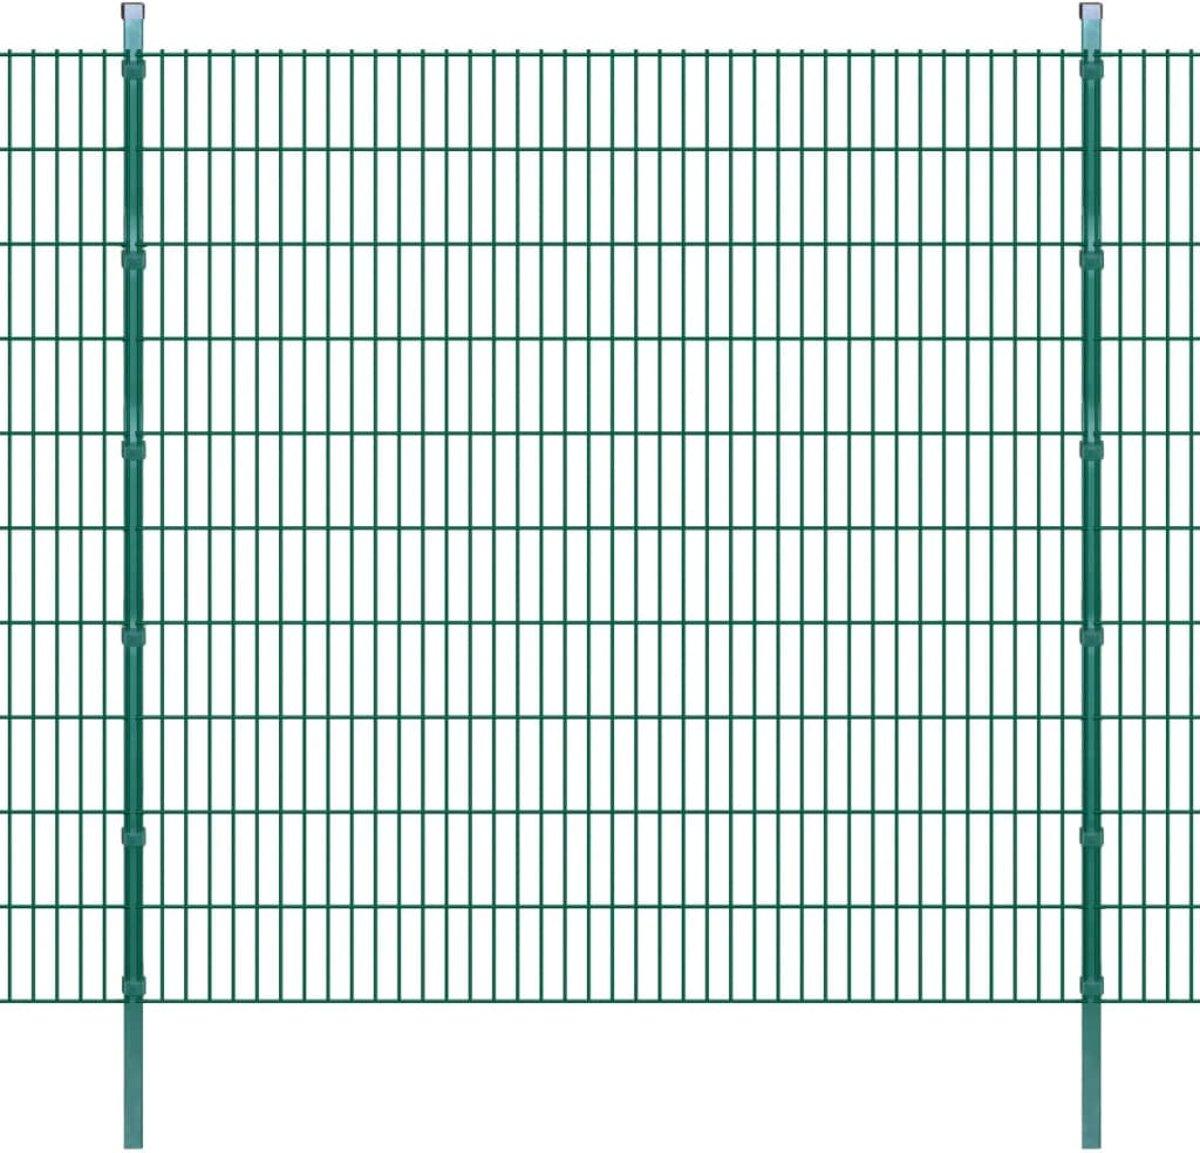 vidaXL Dubbelstaafmat 2008 x 2030 mm 6 m groen 3 stuks kopen